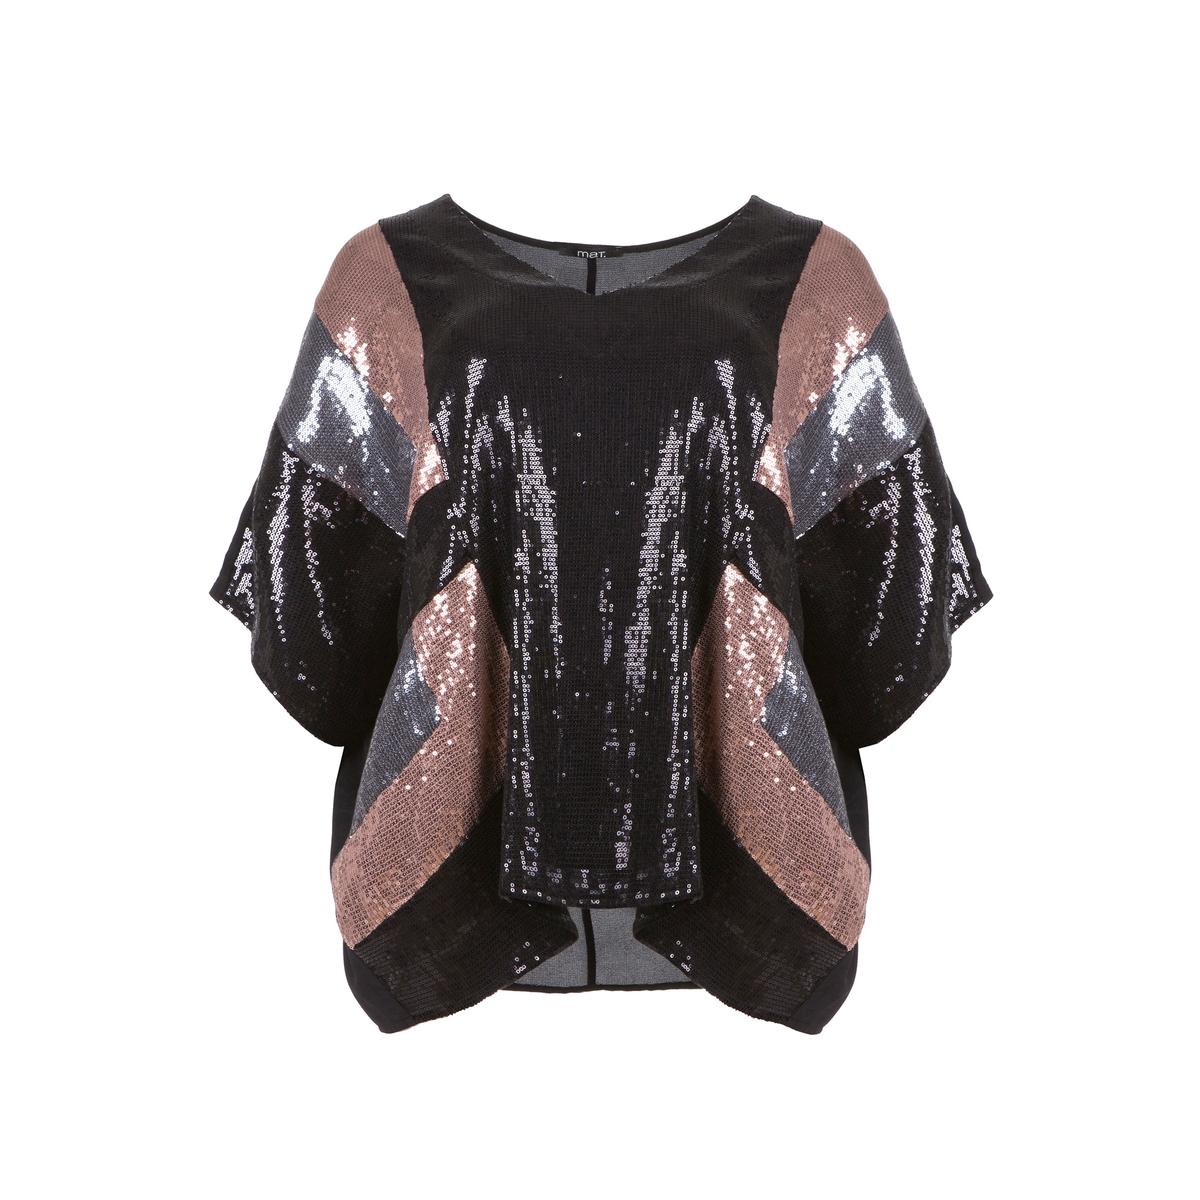 ПуловерСпереди геометрический рисунок из блесток трех цветов. Рукава летучая мышь. V-образный вырез. Спинка из легкого материала черного цвета.<br><br>Цвет: разноцветный<br>Размер: 50/54